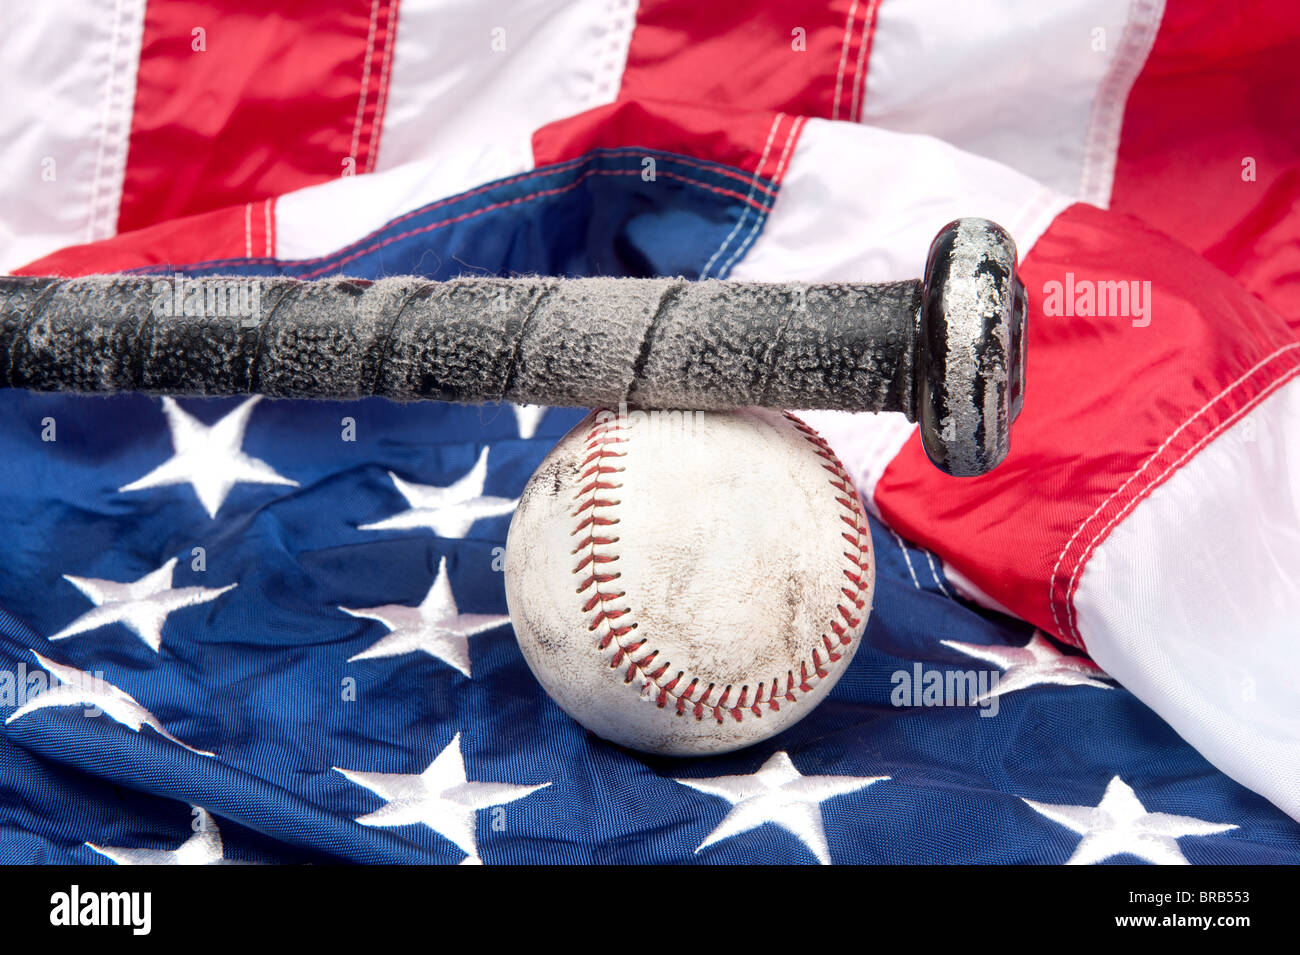 L'équipement de base-ball y compris une batte et une balle de baseball sur un drapeau américain. Photo Stock